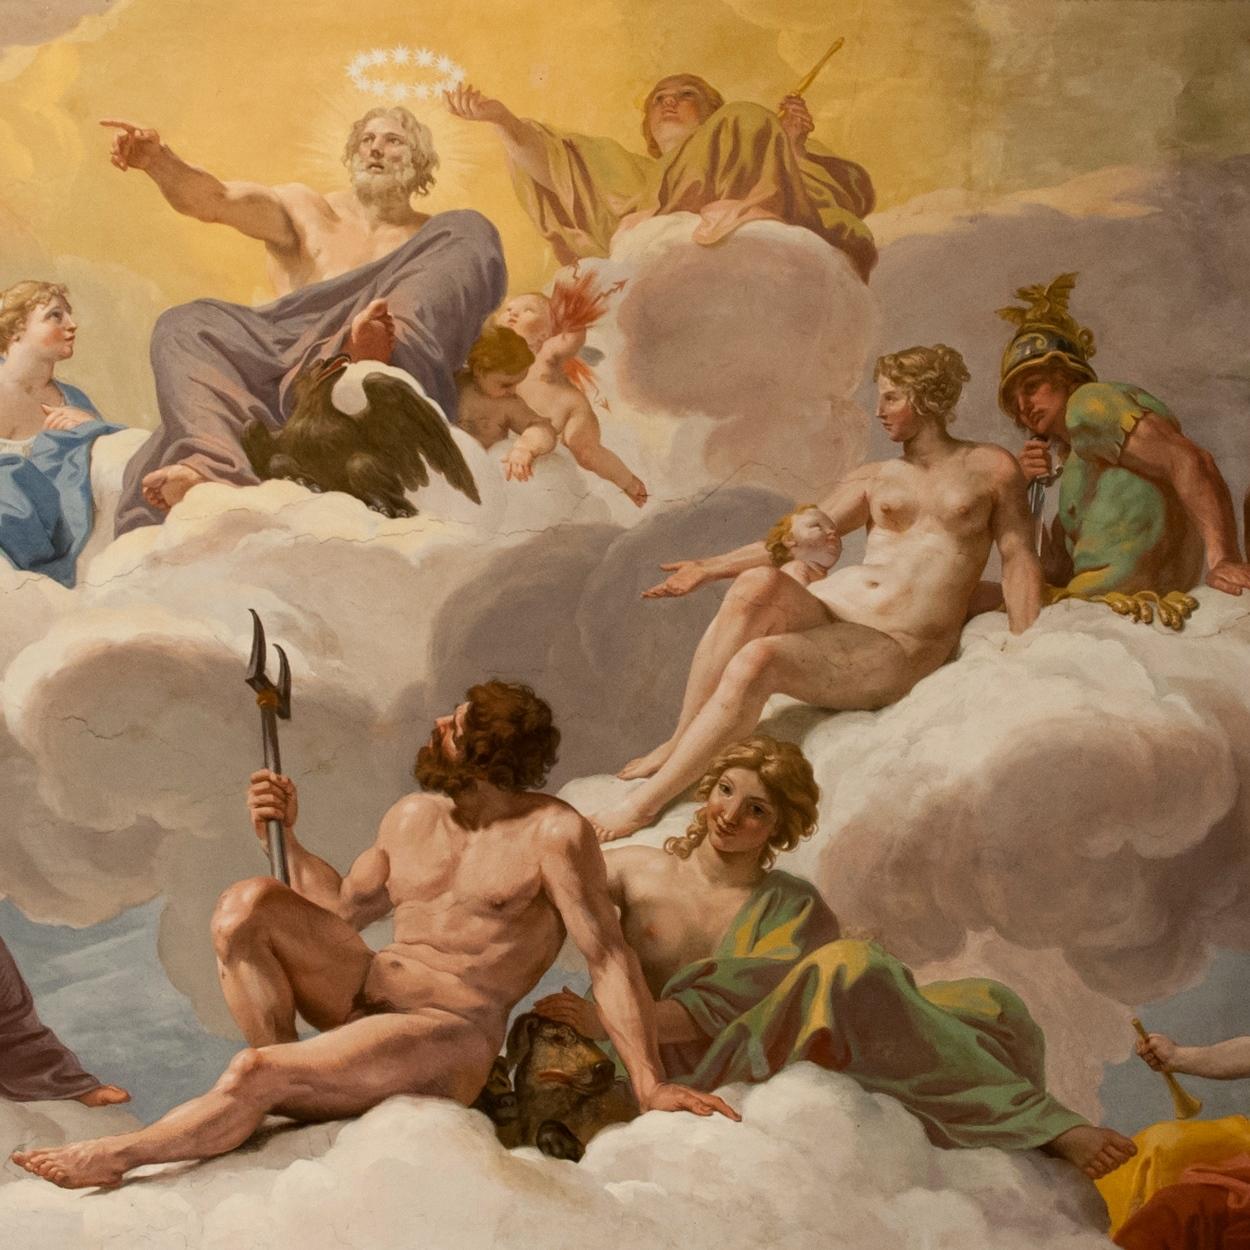 Боги олимпа картинках